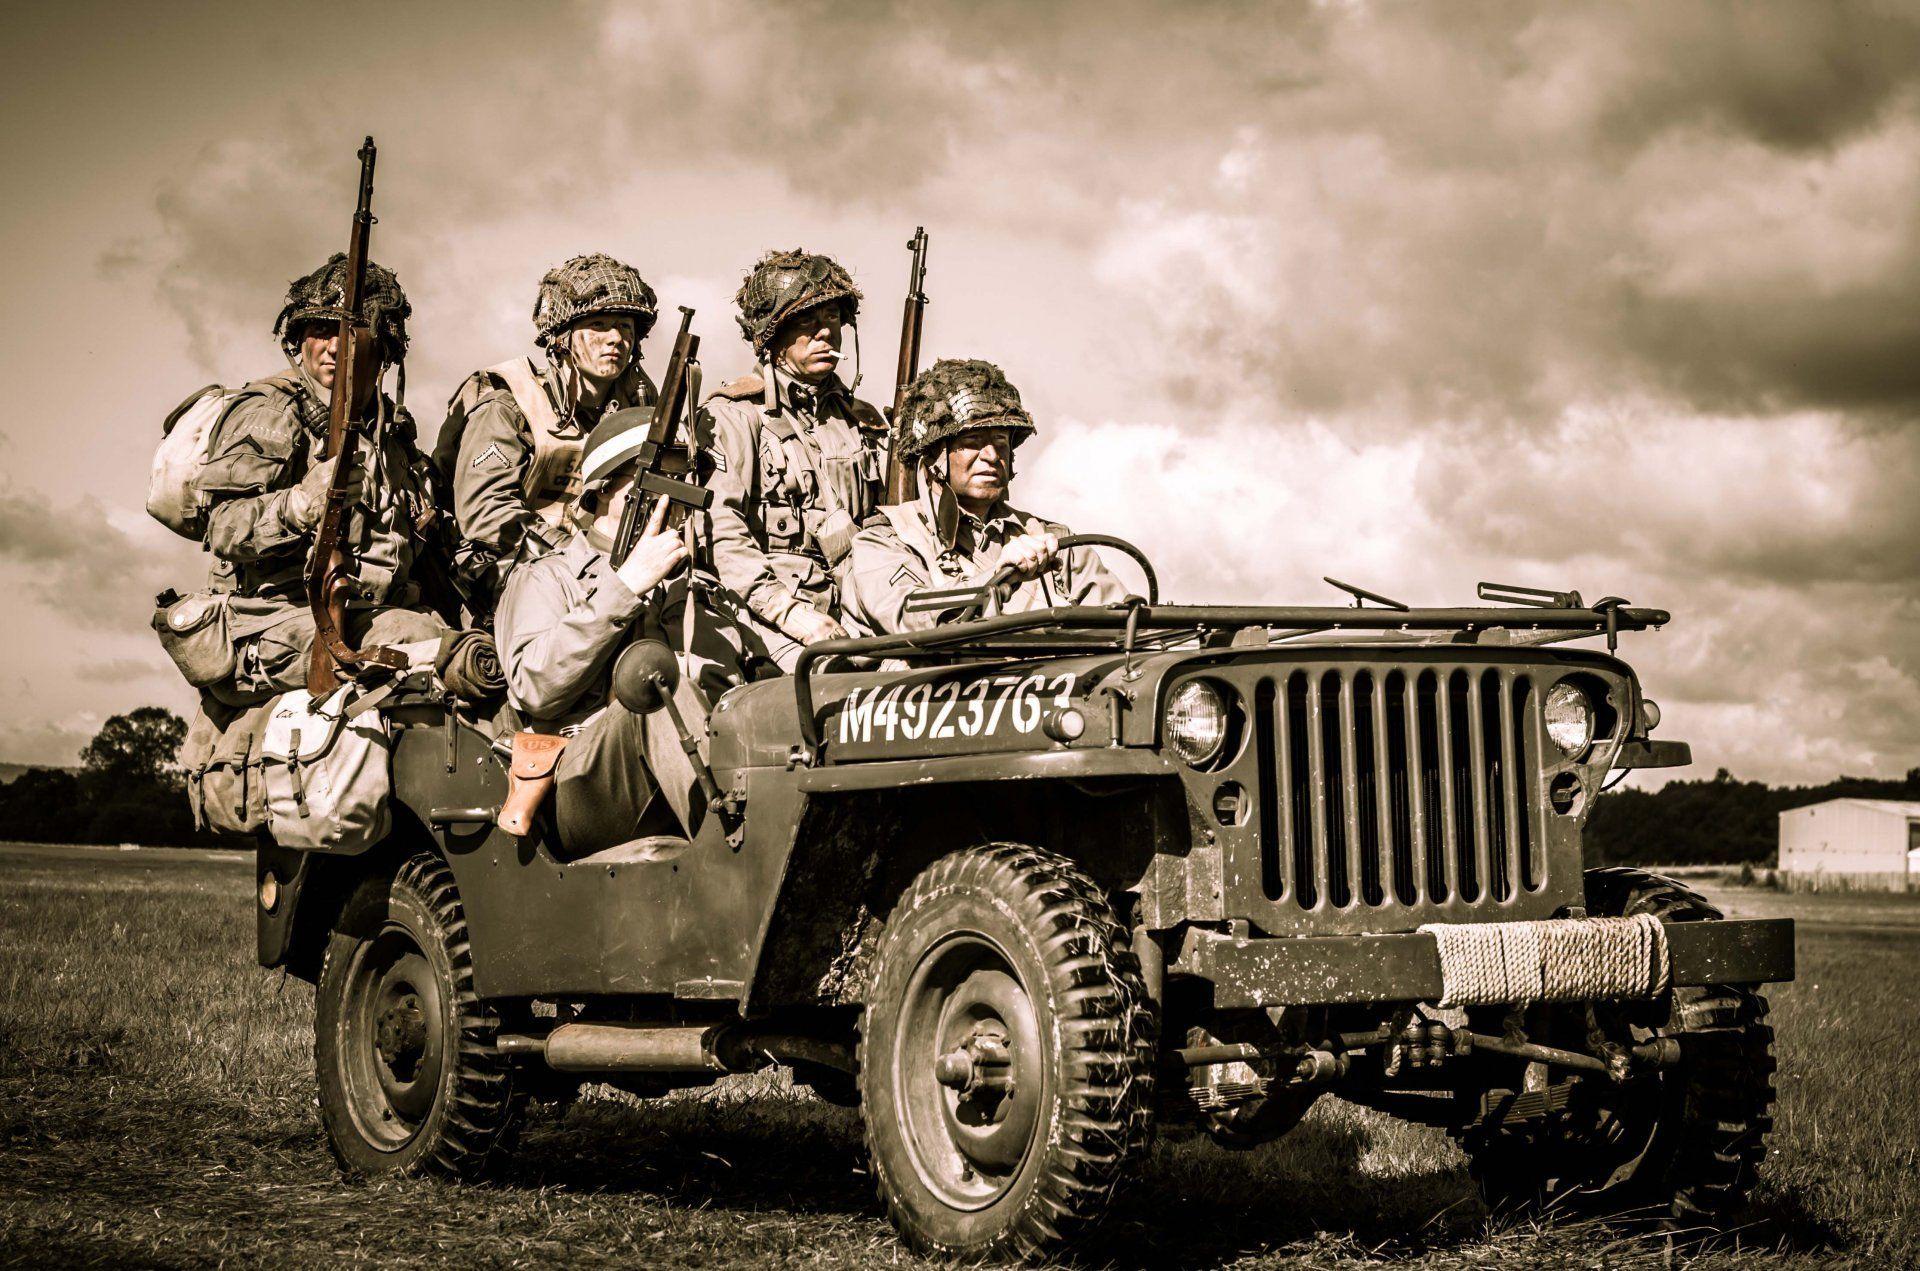 Hd wallpaper jeep - Men Weapon Industrial Complex Willys Mb Willys Mb Jeep Hd Wallpaper